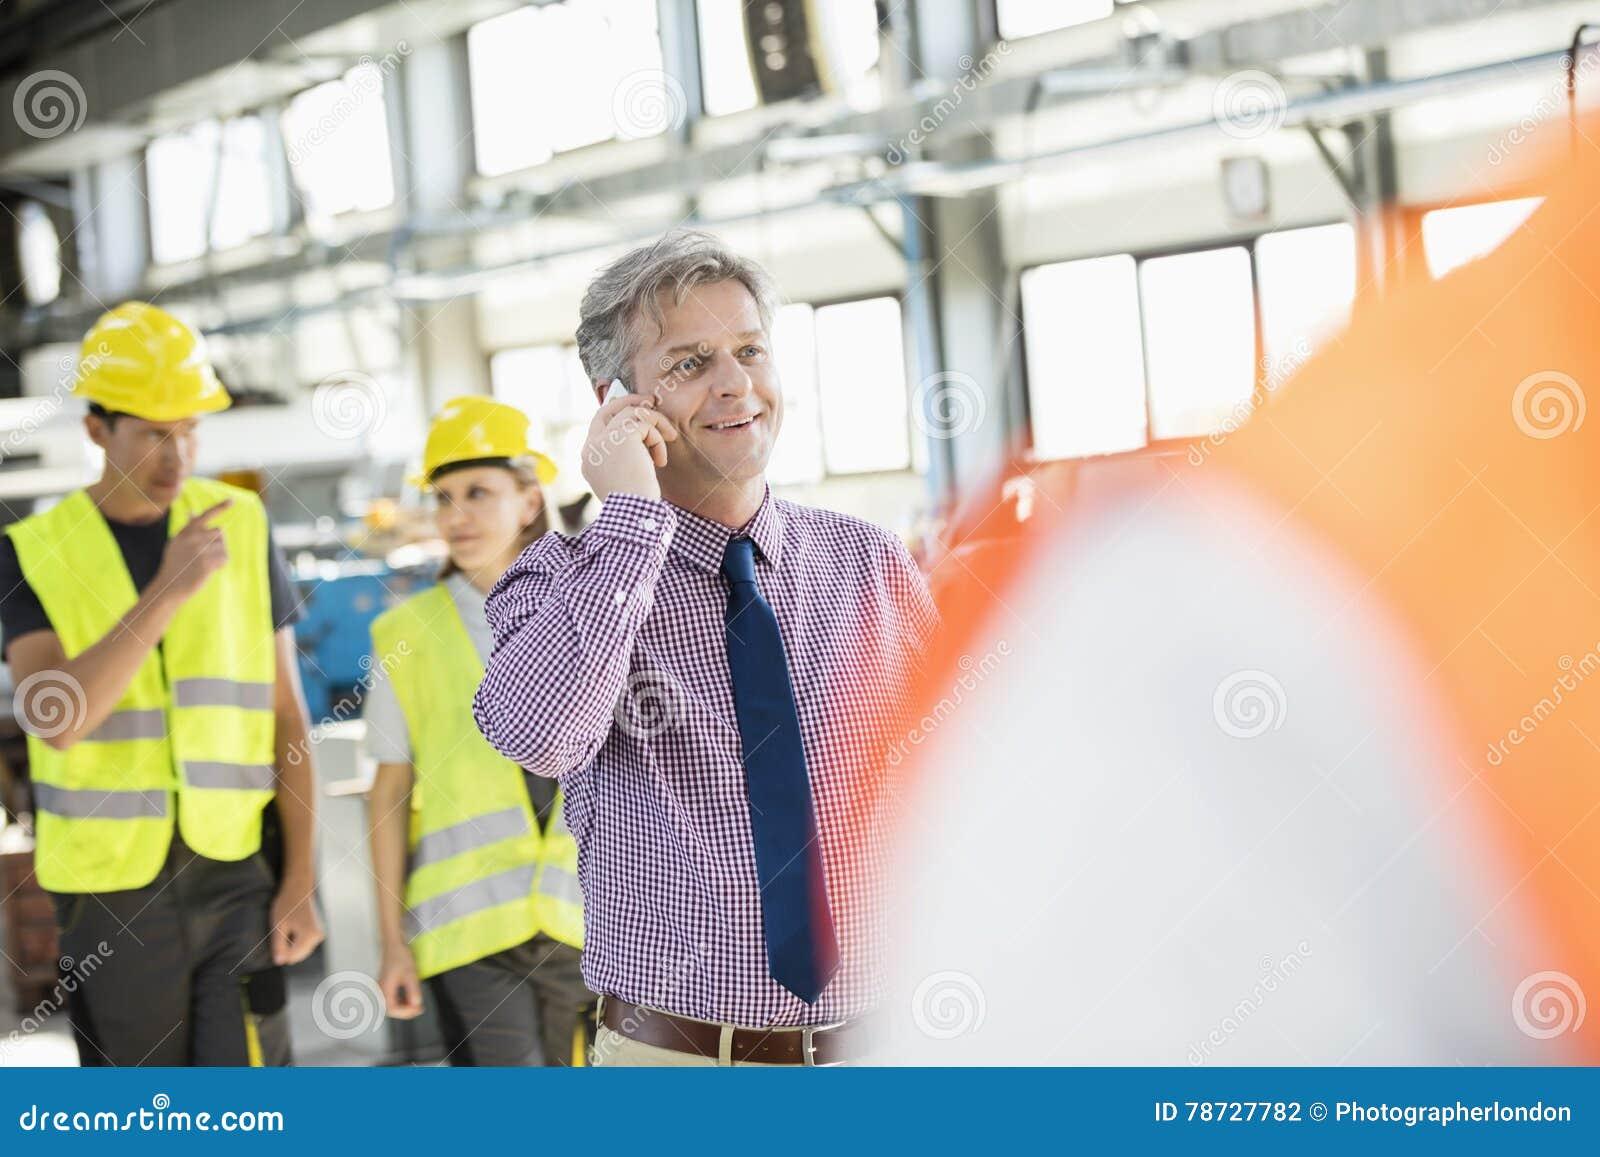 Manlig arbetsledare som talar på mobiltelefonen med arbetare i bakgrund på bransch